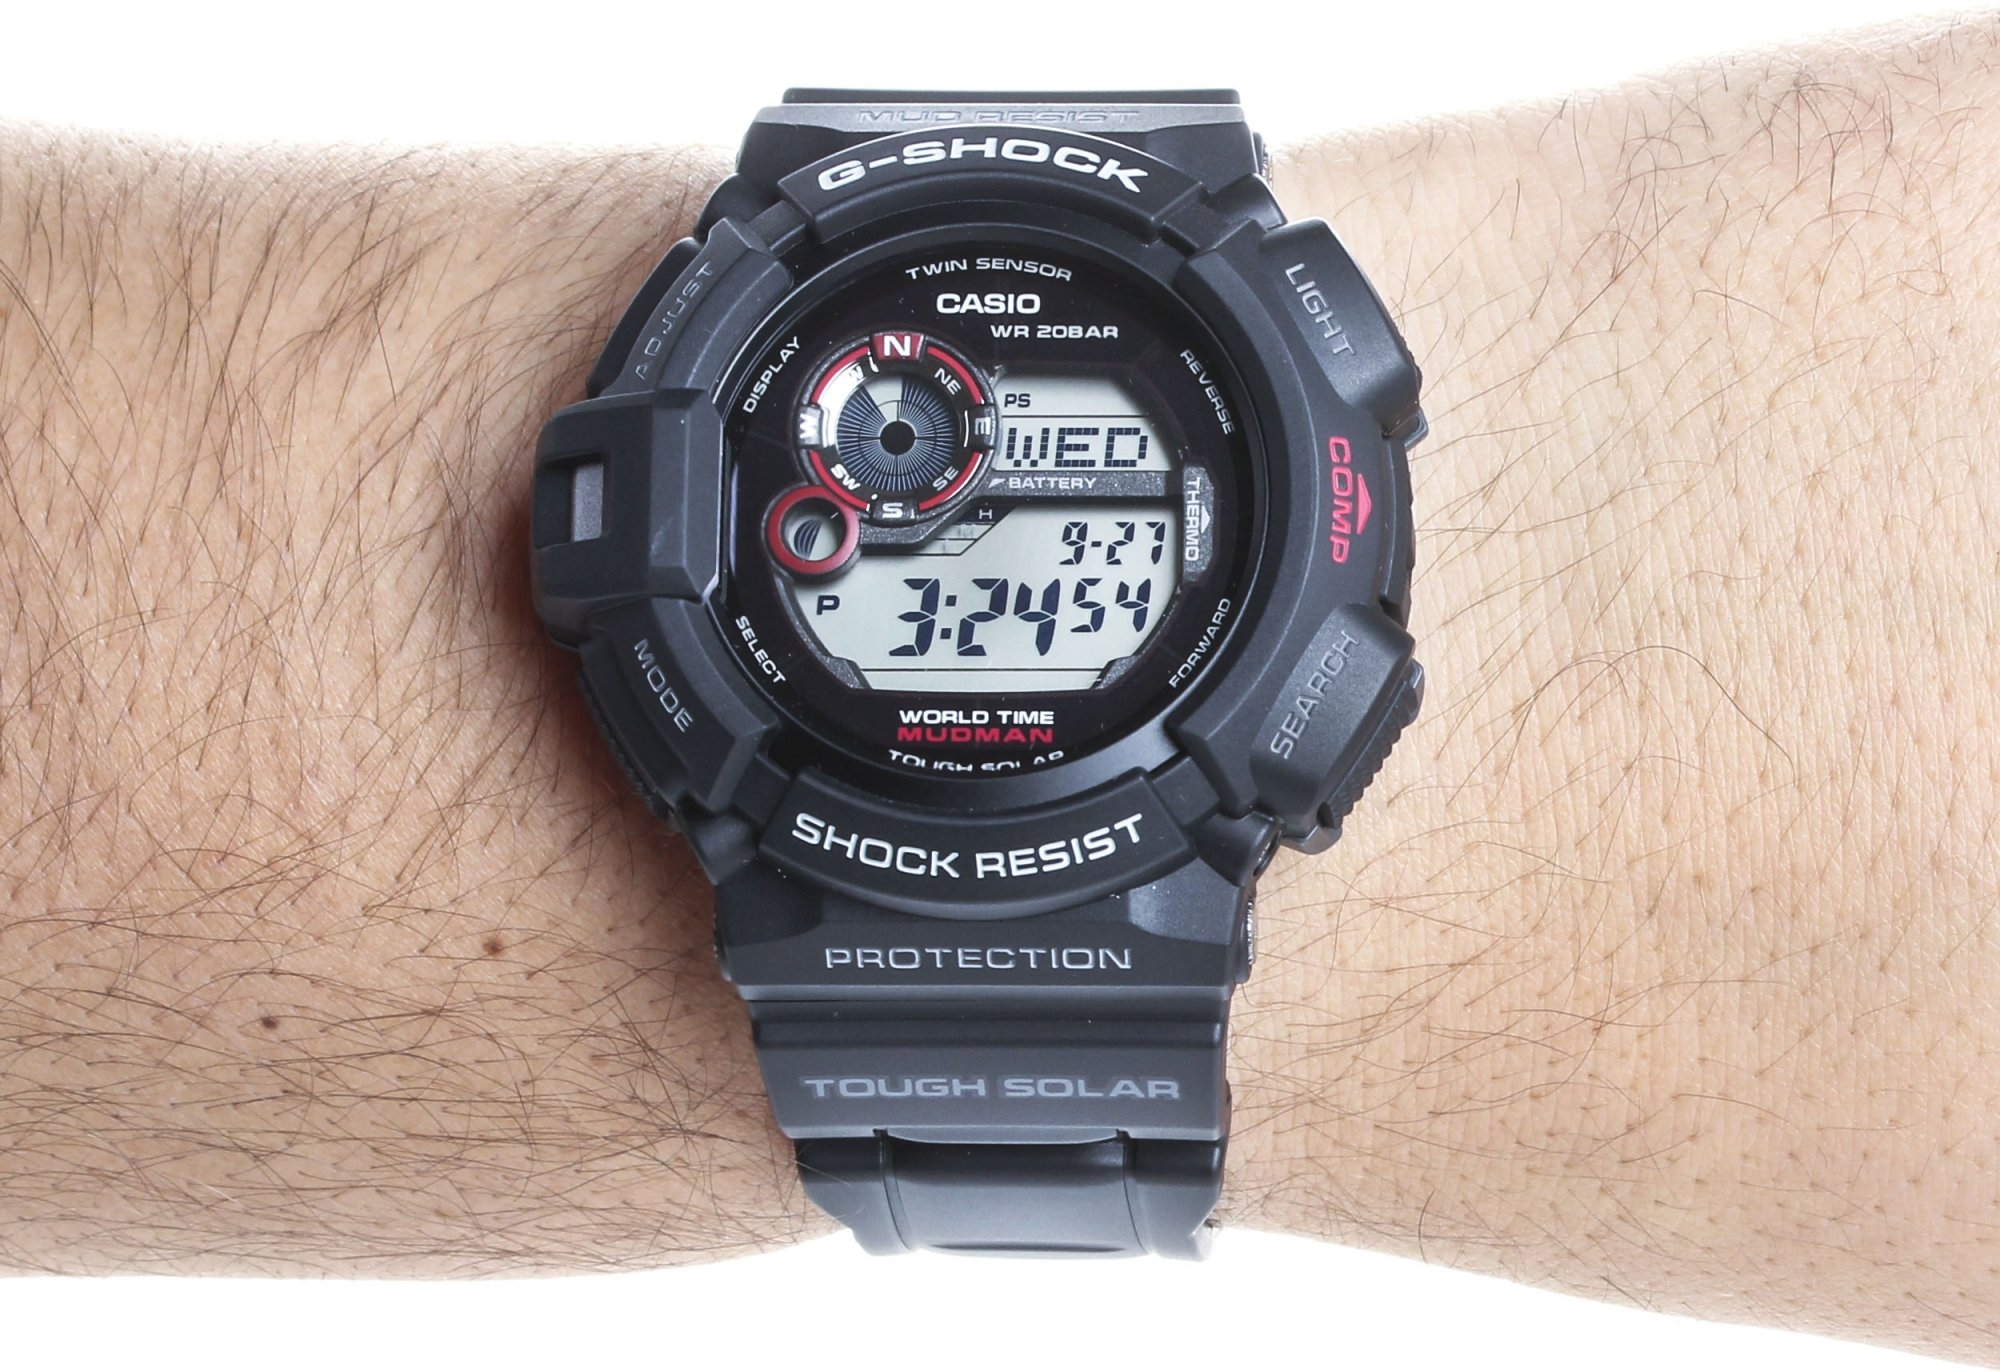 В данном видео рассказывается о полной правильной настройке часов японского бренда casio коллекции g-shock gwer: как выставить время в часах, как выбрать свой часовой пояс, как изменить режим летнего и зимнего времени dst, как включить режим сбережения энергии, как изменить дату, месяц, год, длительность подсветки, как изменить единицы измерения альтиметра, термометра, компаса, барометра, как выставить широту и долготу своего.